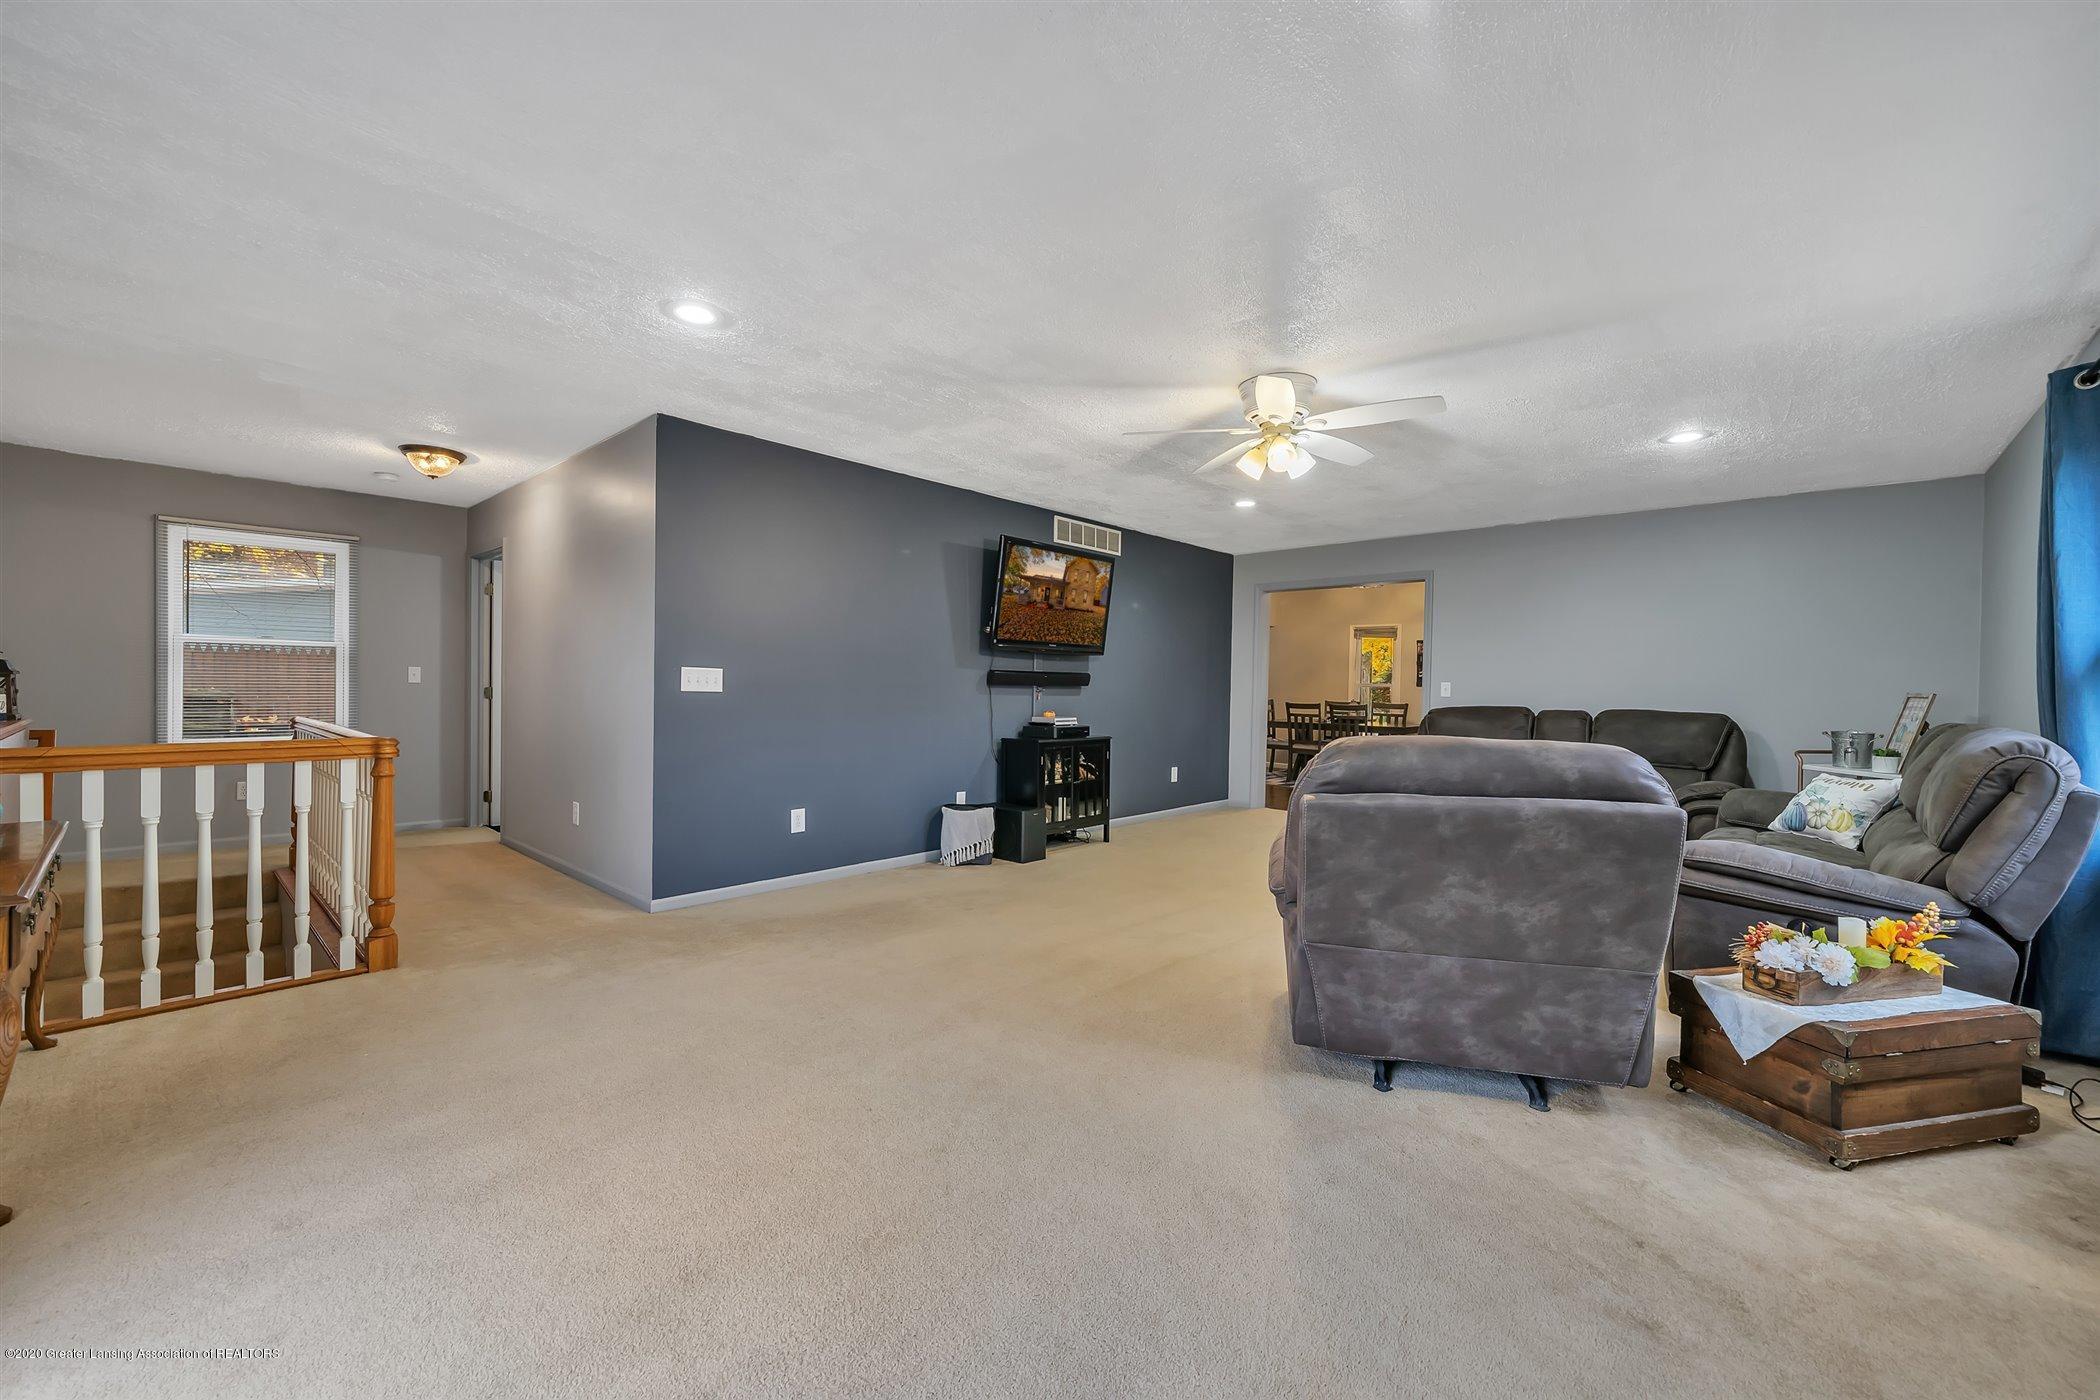 328 E 2nd St - (10) MAIN FLOOR Living Room - 11